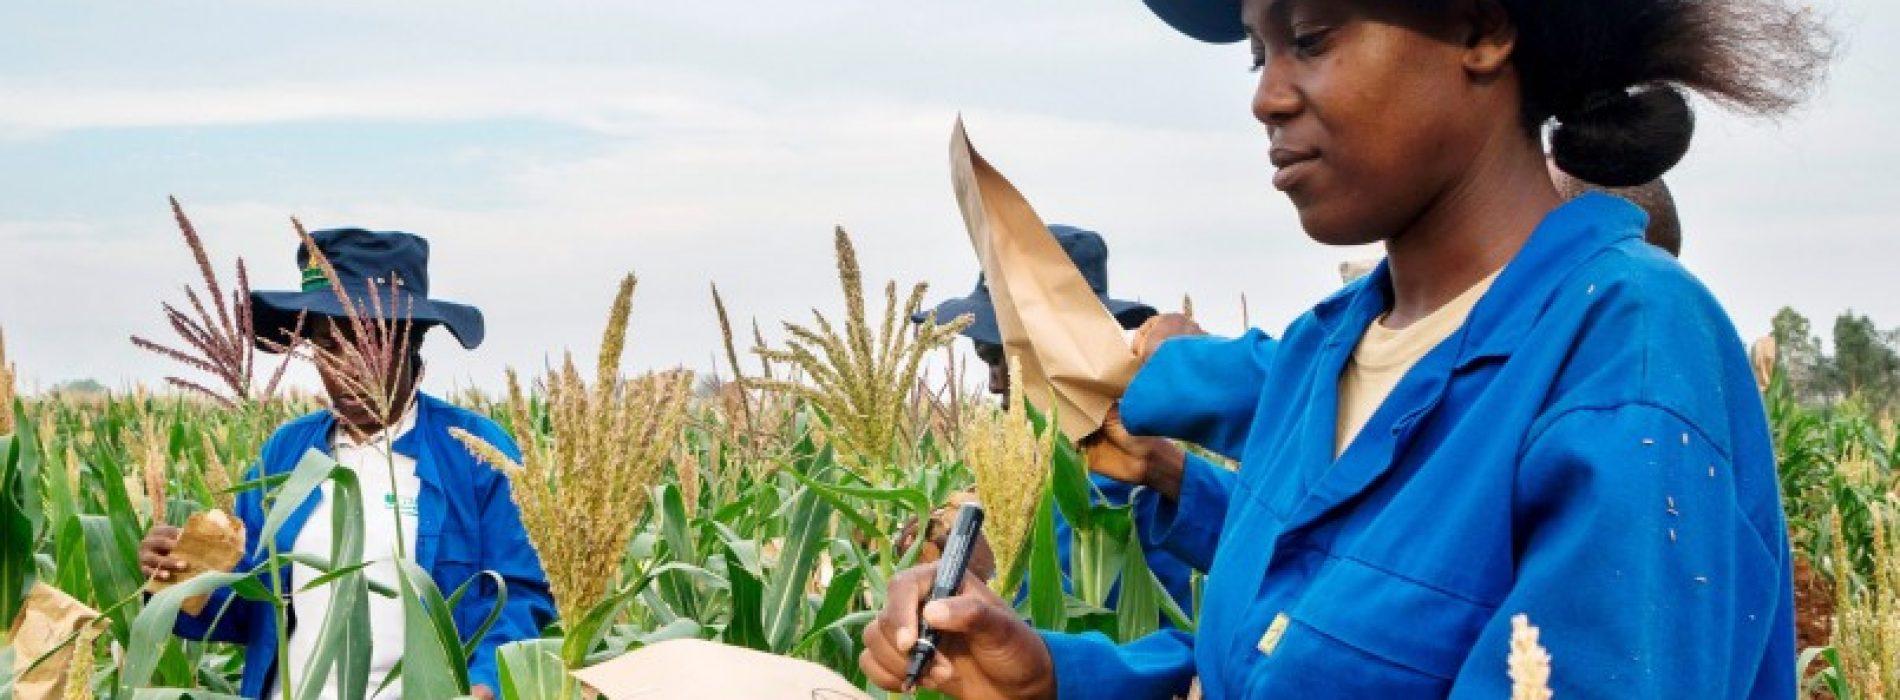 Agricoltura in Africa: Piantare il seme della crescita